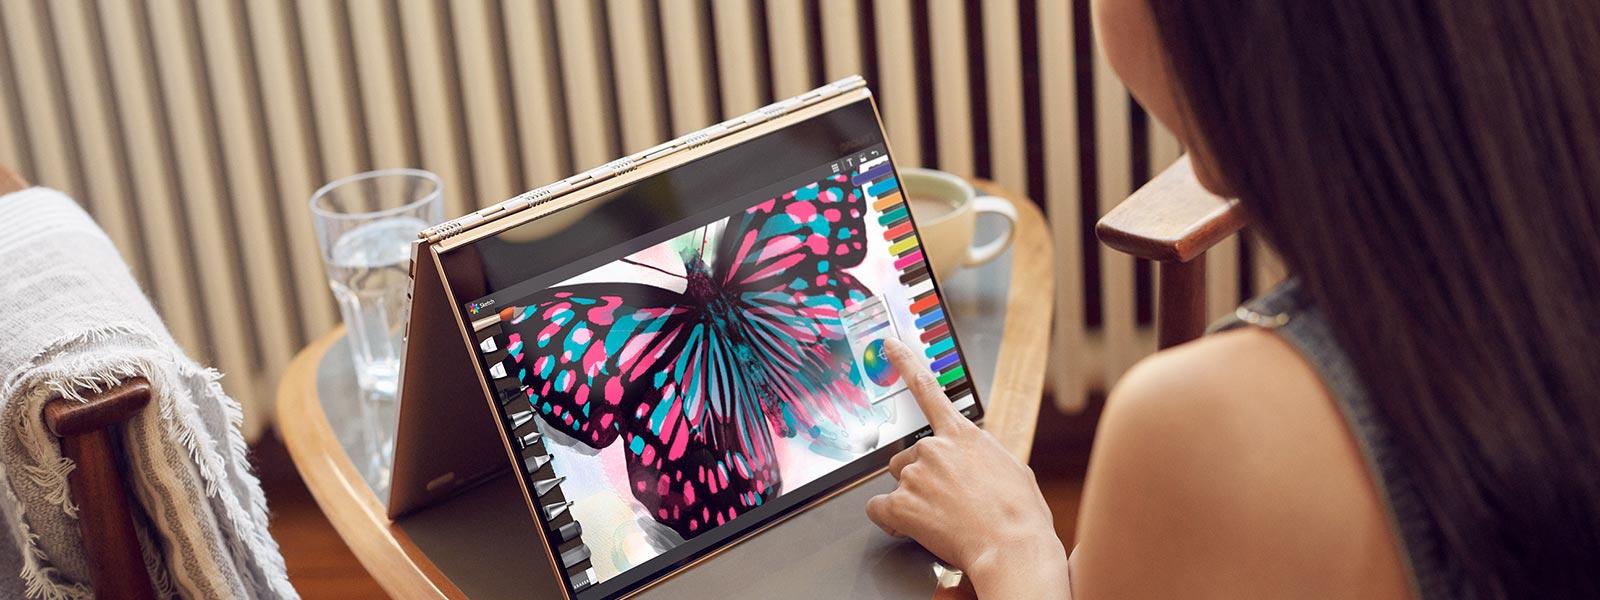 Donna che utilizza il touchscreen di un Lenovo YOGA 910